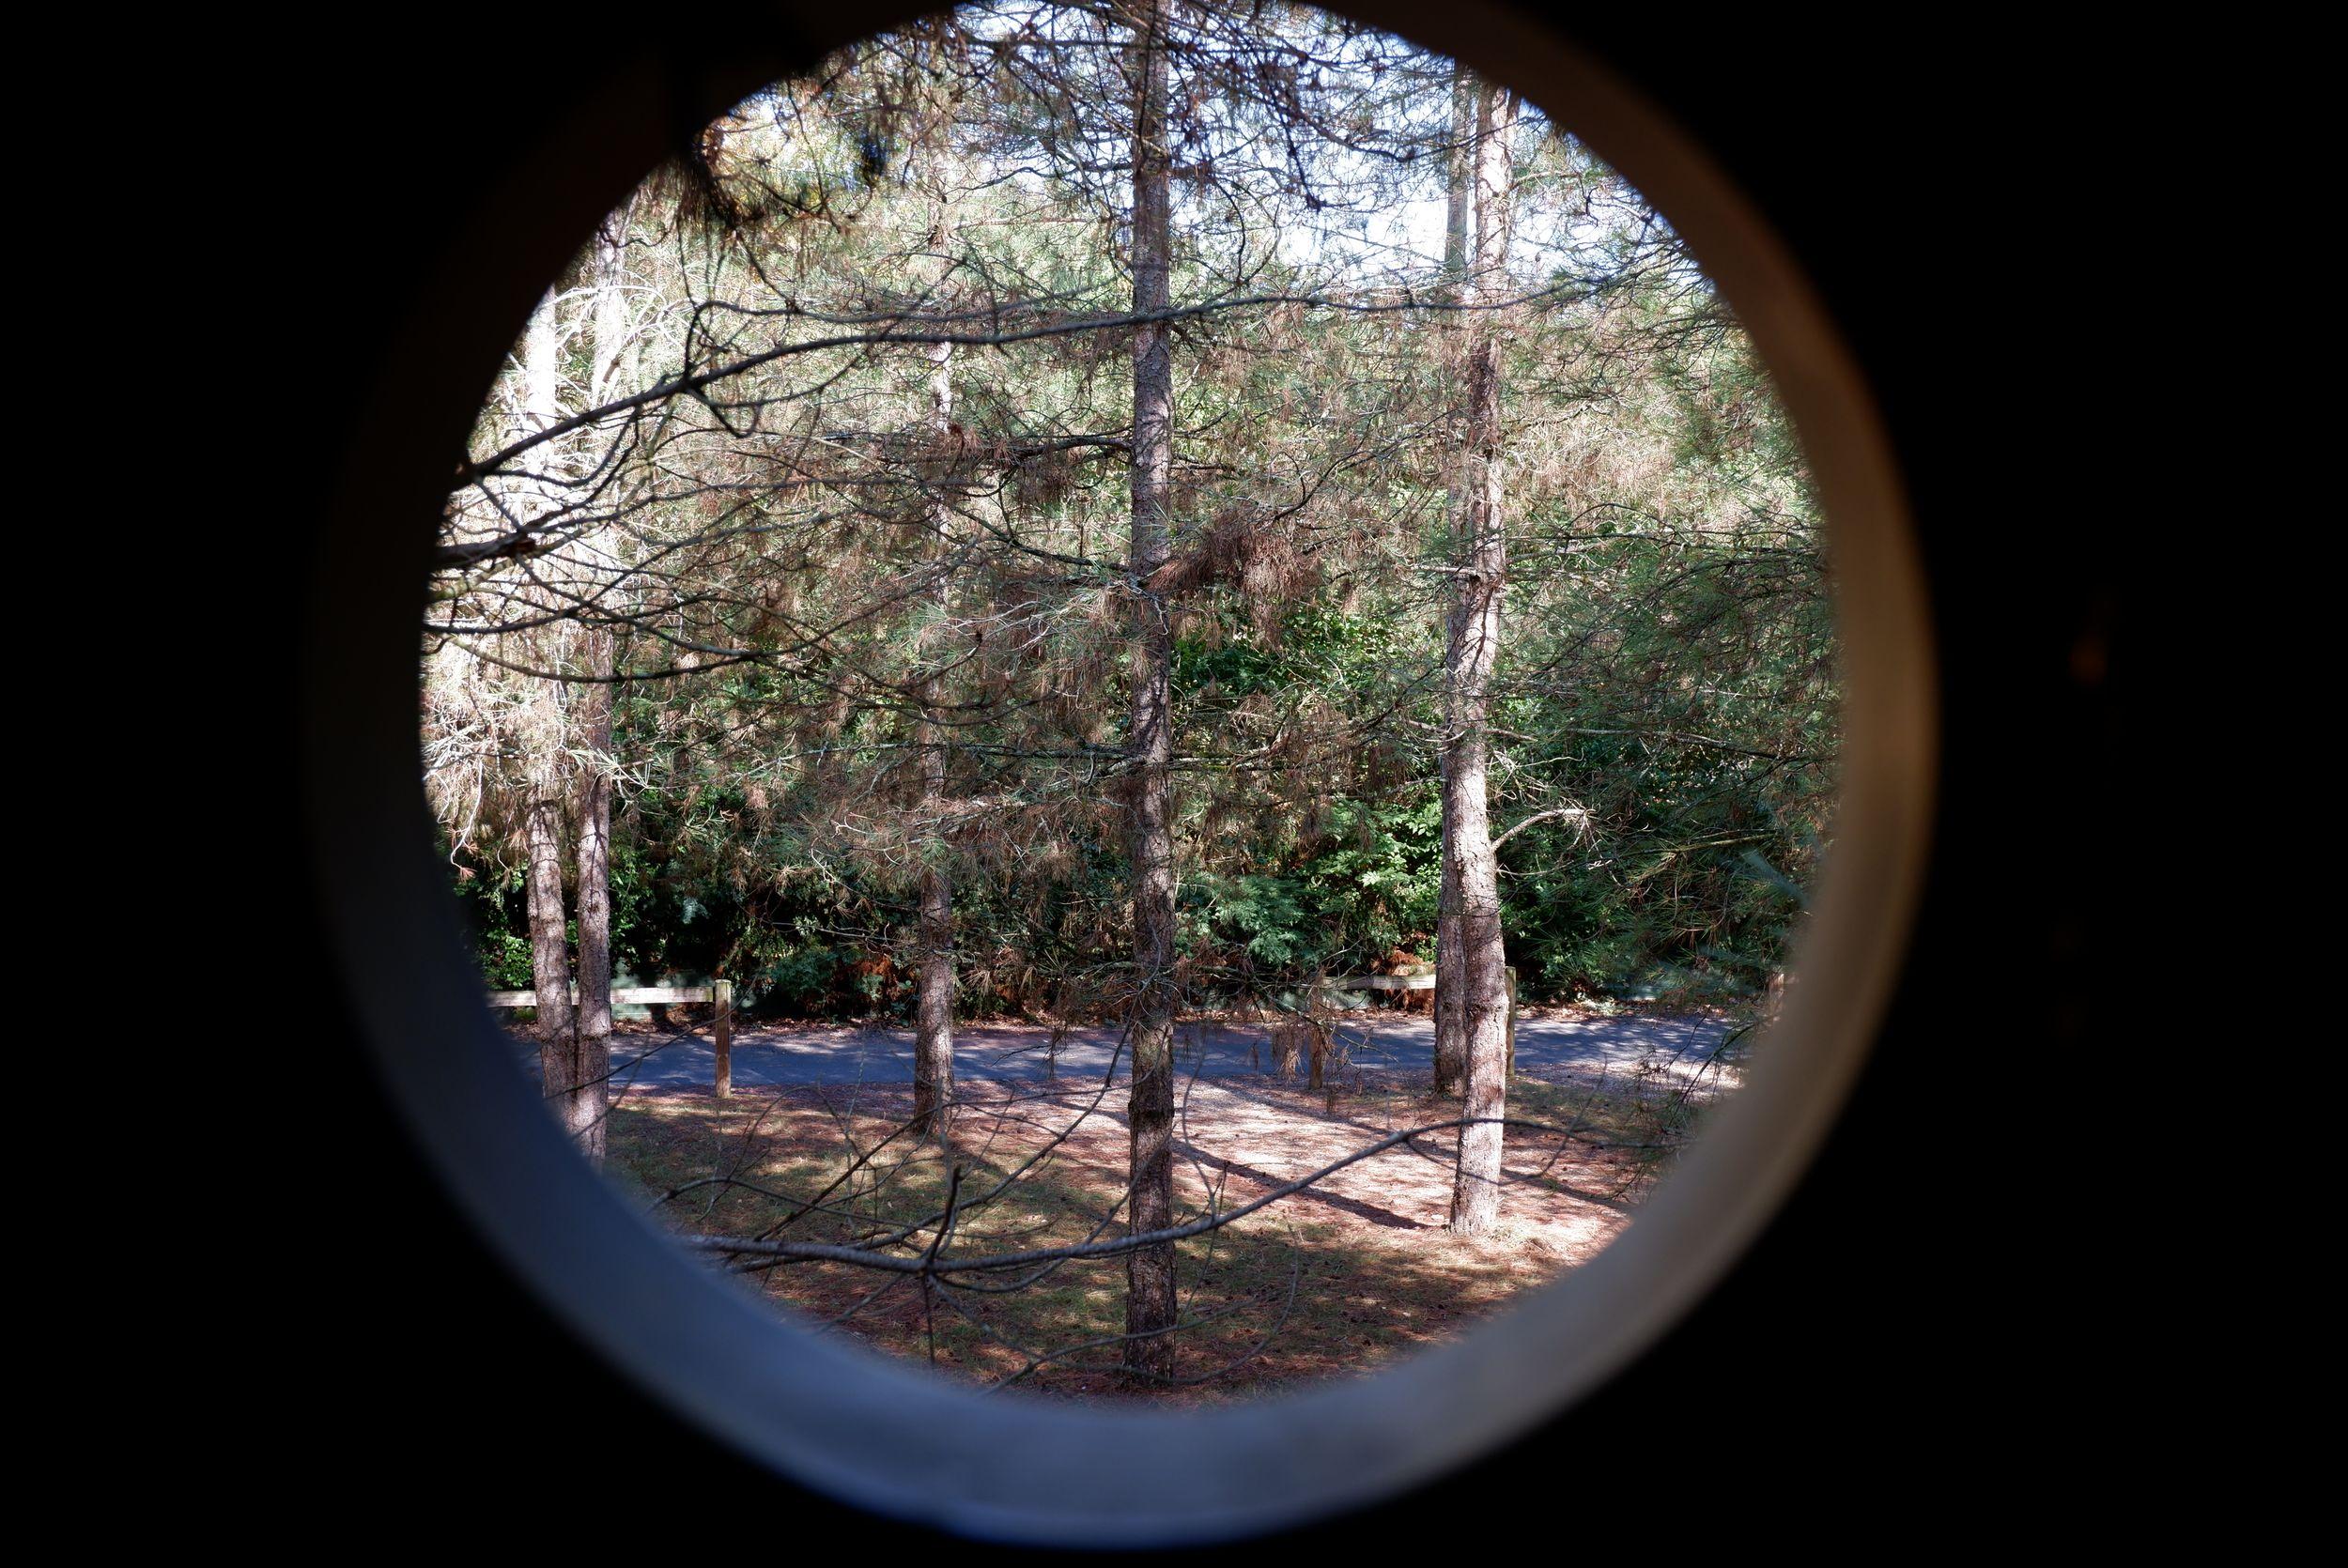 fenêtre ronde dans la forêt